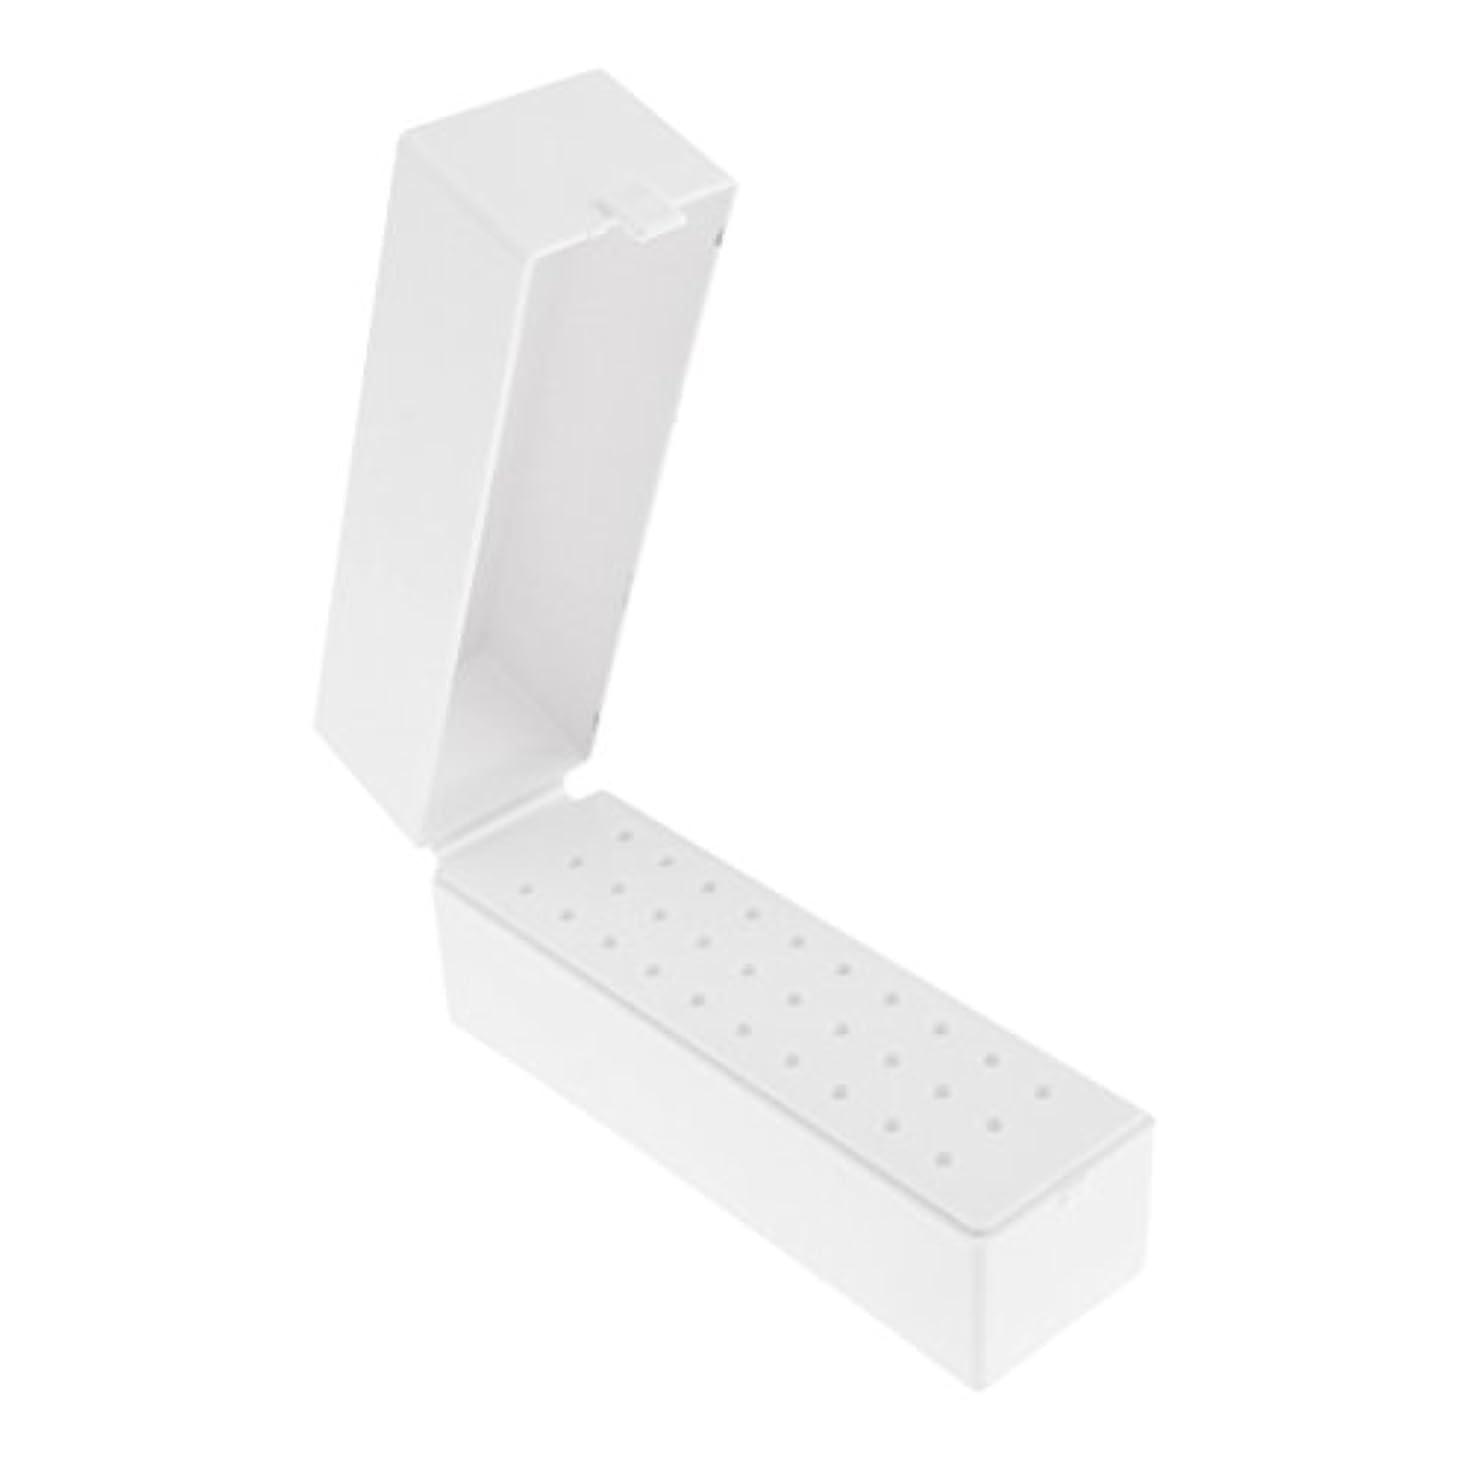 民間シンポジウム埋める30穴プラスチックネイルアートツールボックスネイルドリルビットホルダー防塵スタンド収納オーガナイザー